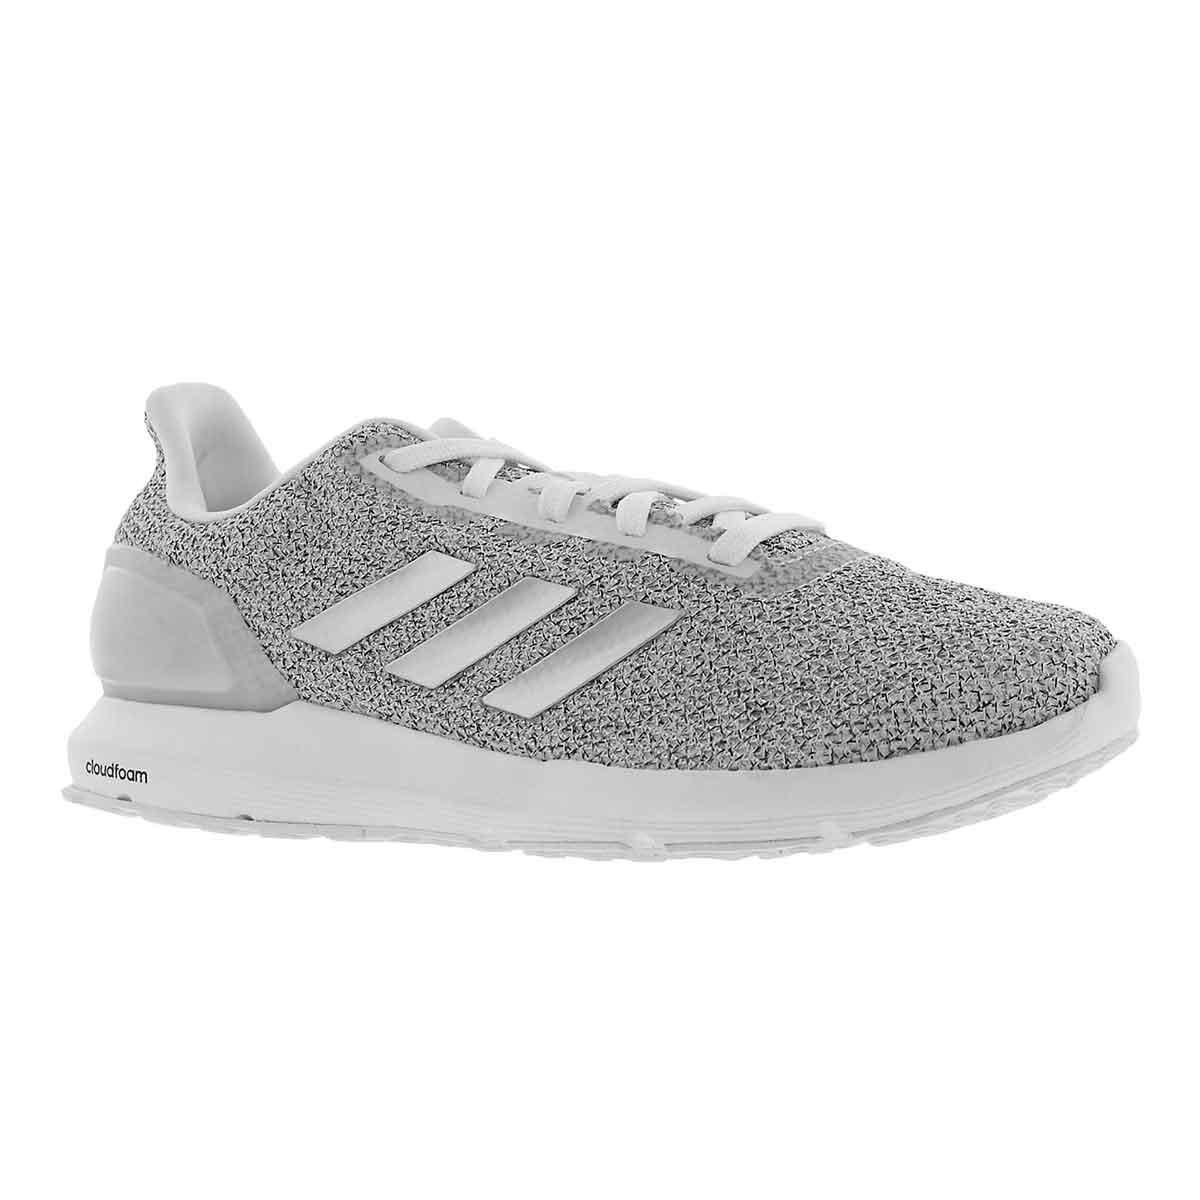 Lds Cosmic 2 SL wht/slvr running shoe